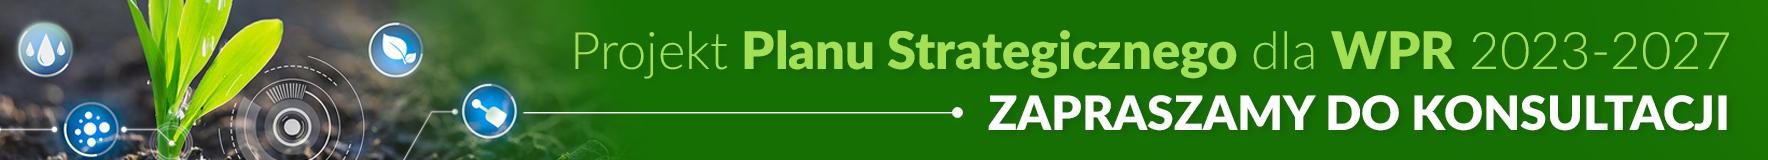 Baner: Planu Strategicznego Wspólnej Polityki Rolnej na lata 2023-2027